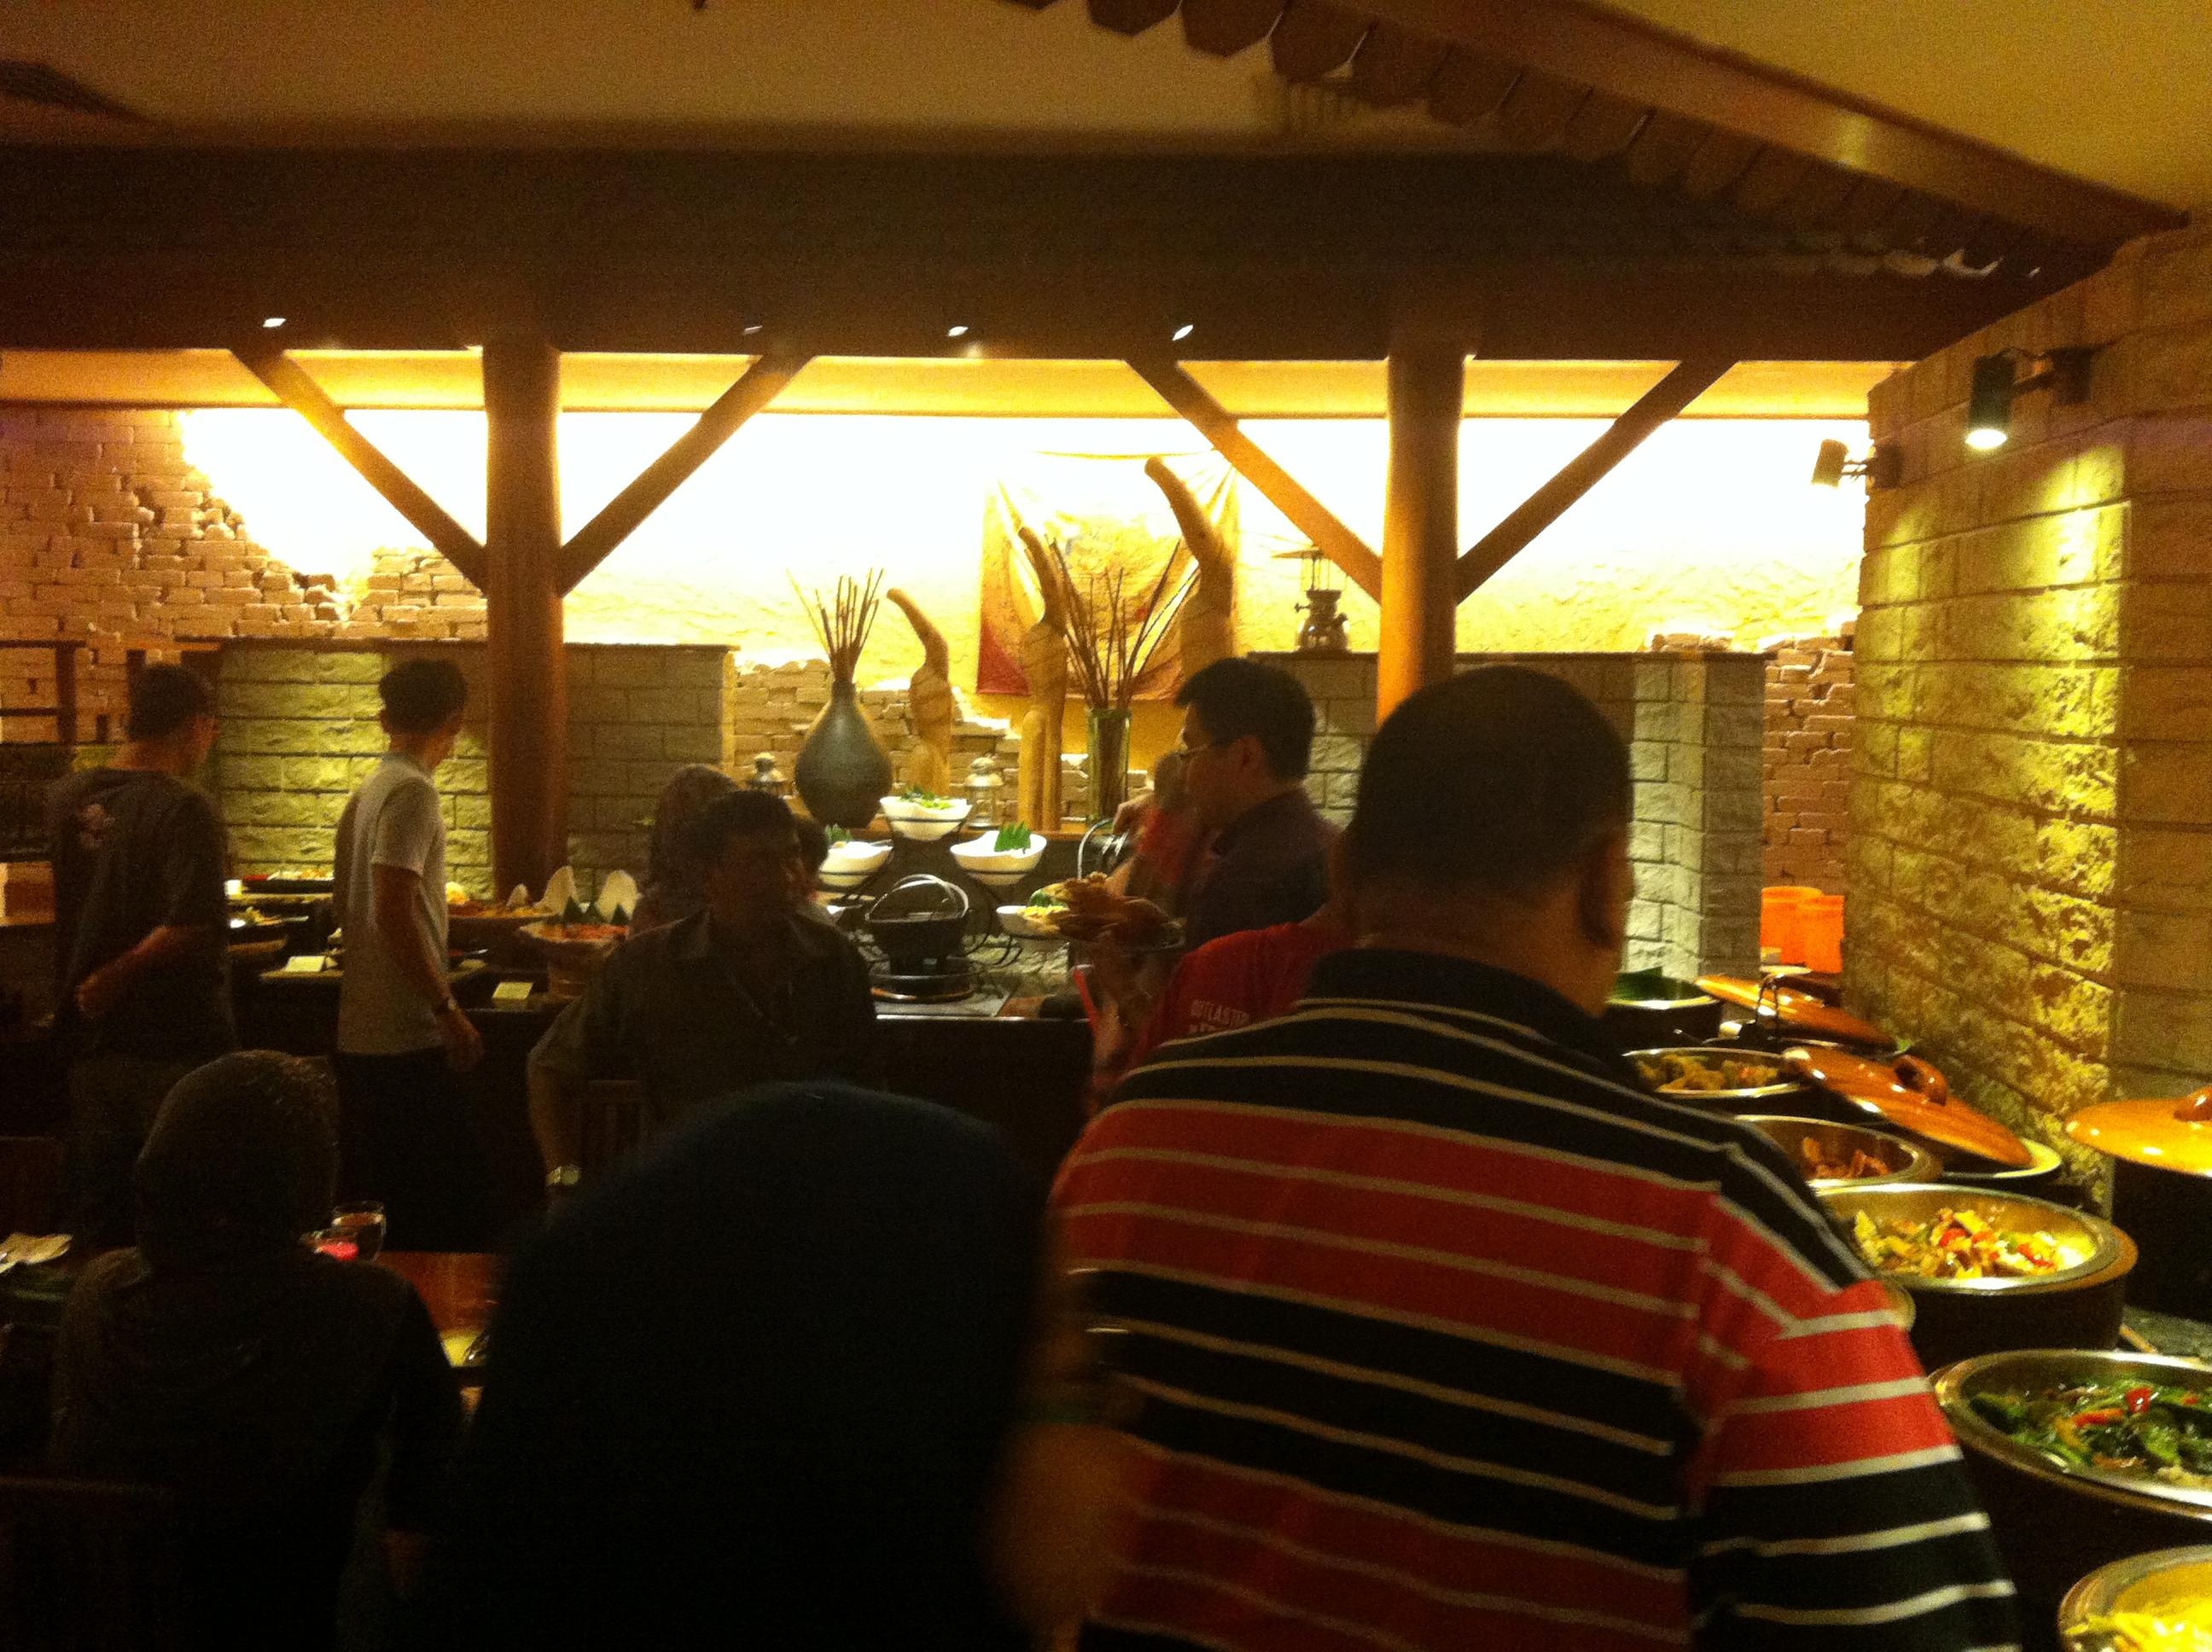 Zion Road Food Centre, Singapore - Restaurant Reviews